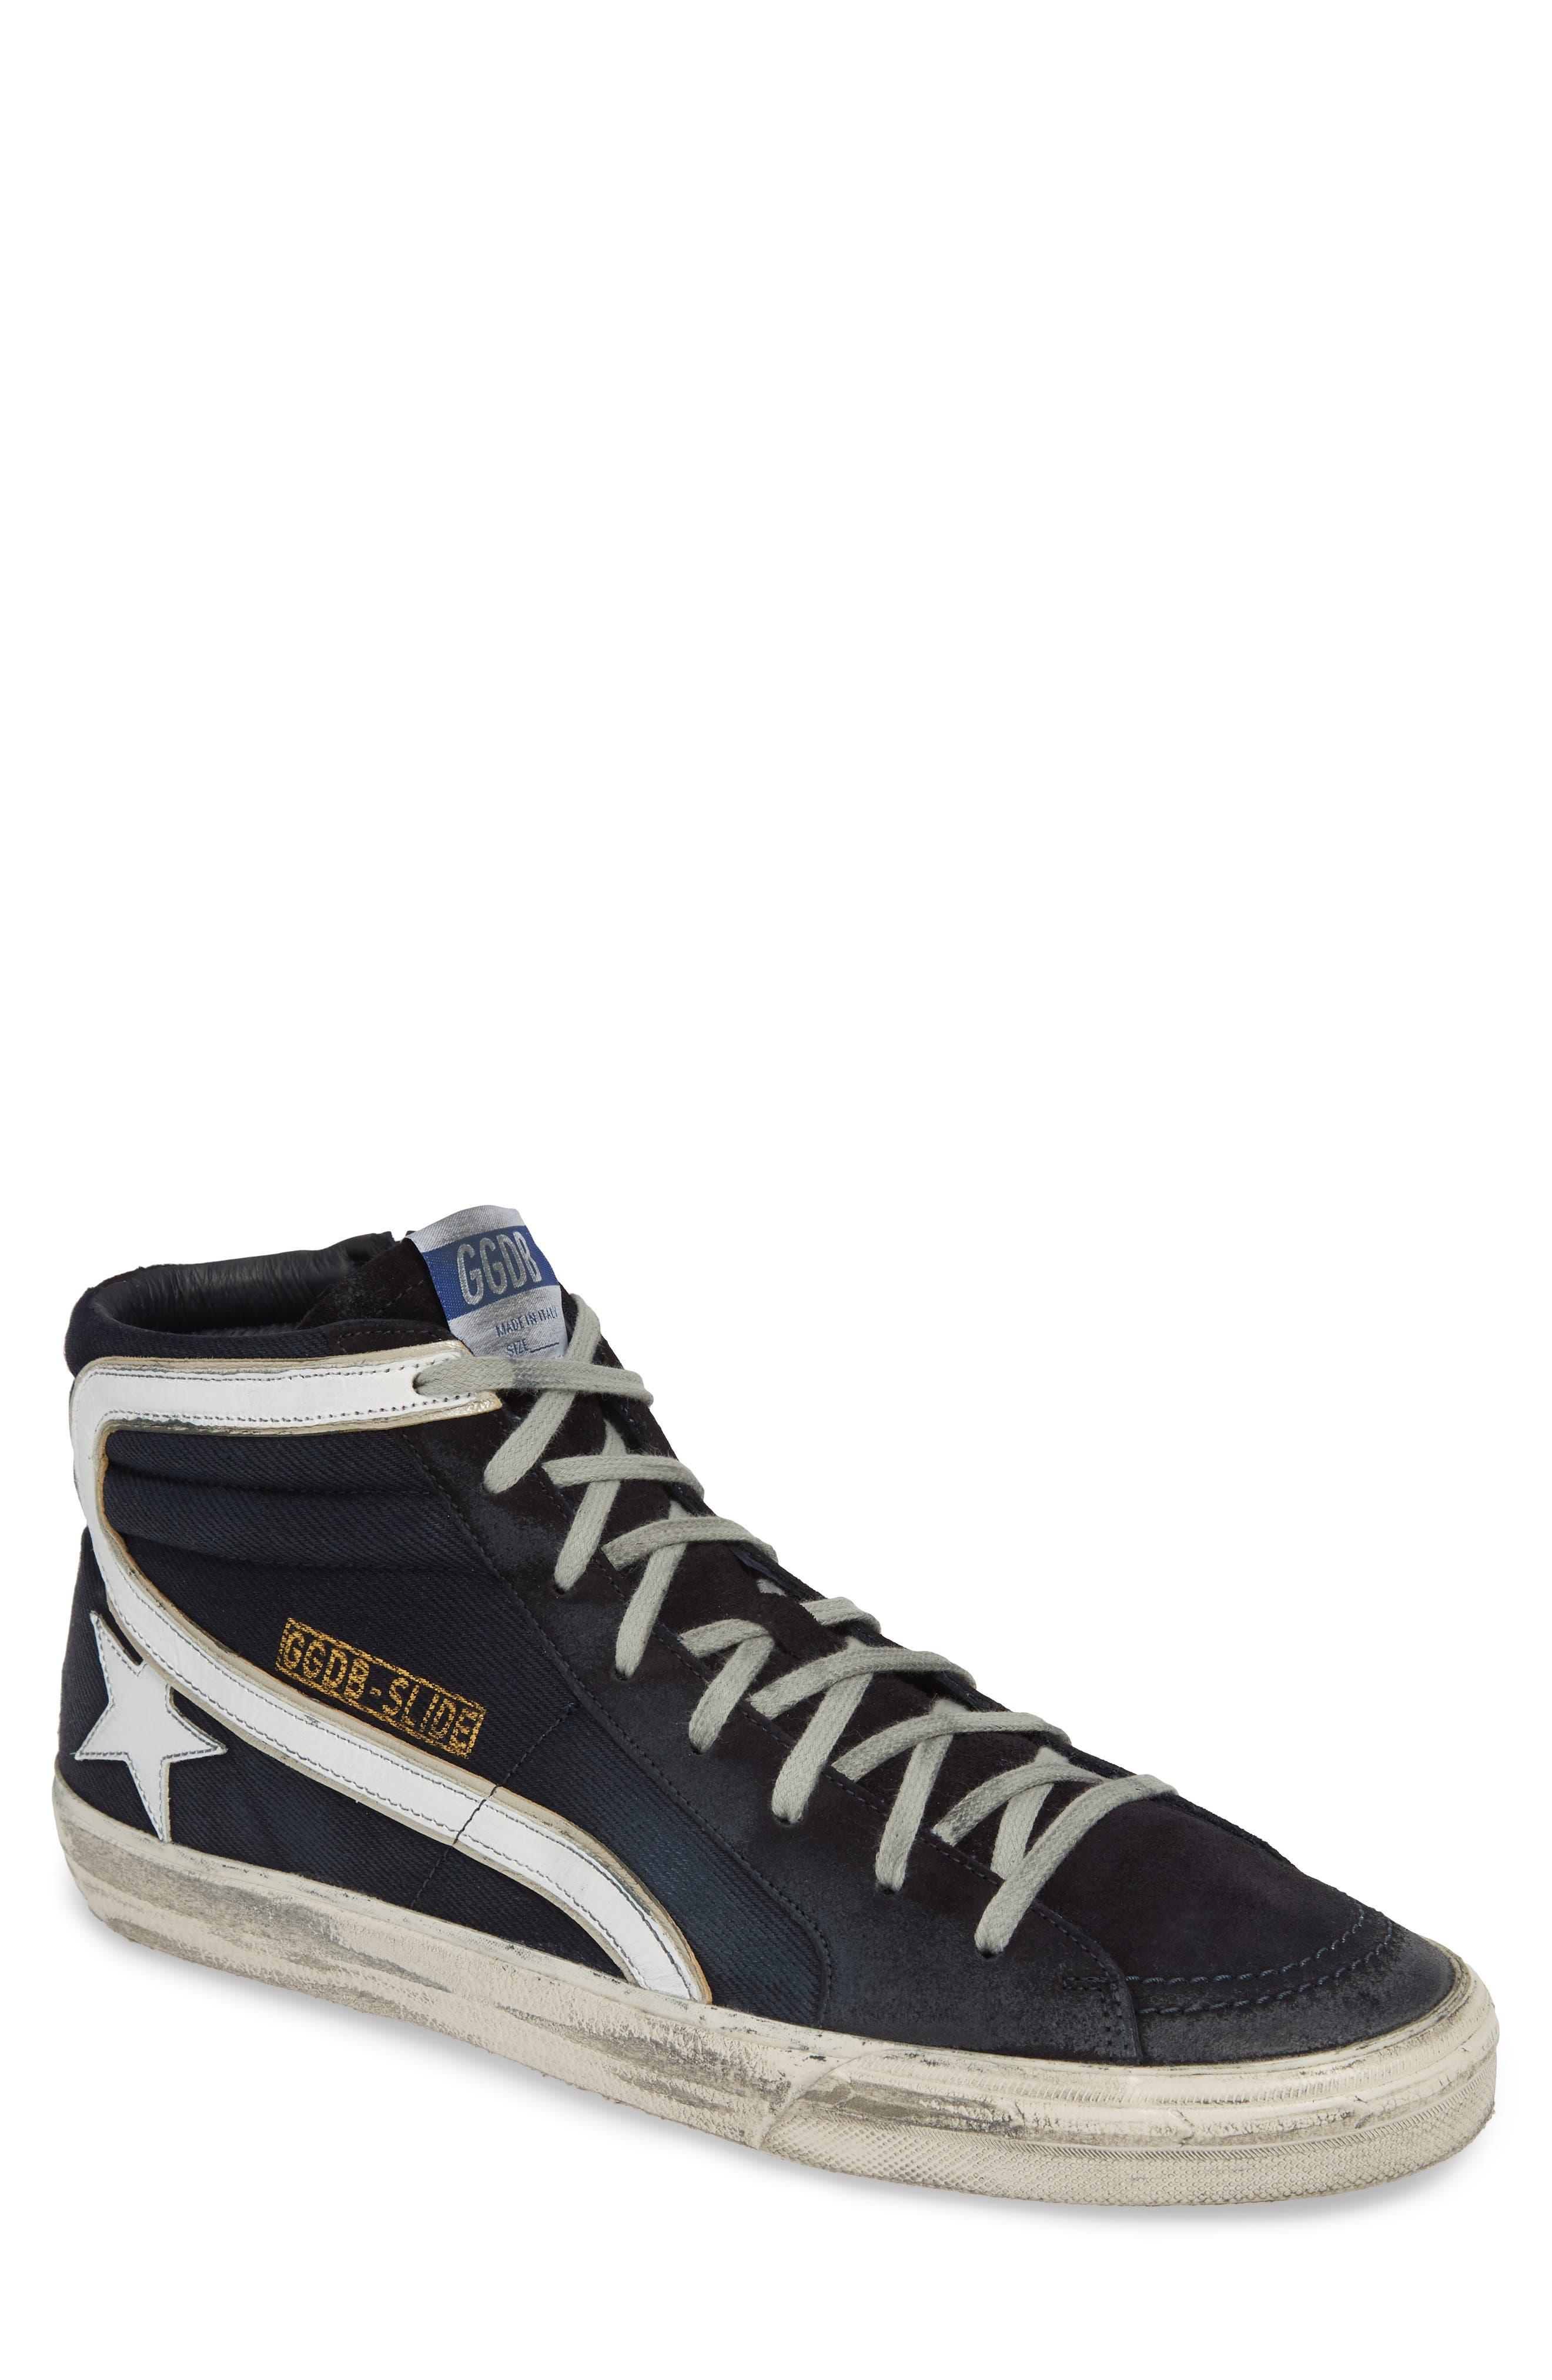 GOLDEN GOOSE, 'Slide' Sneaker, Main thumbnail 1, color, NAVY DENIM